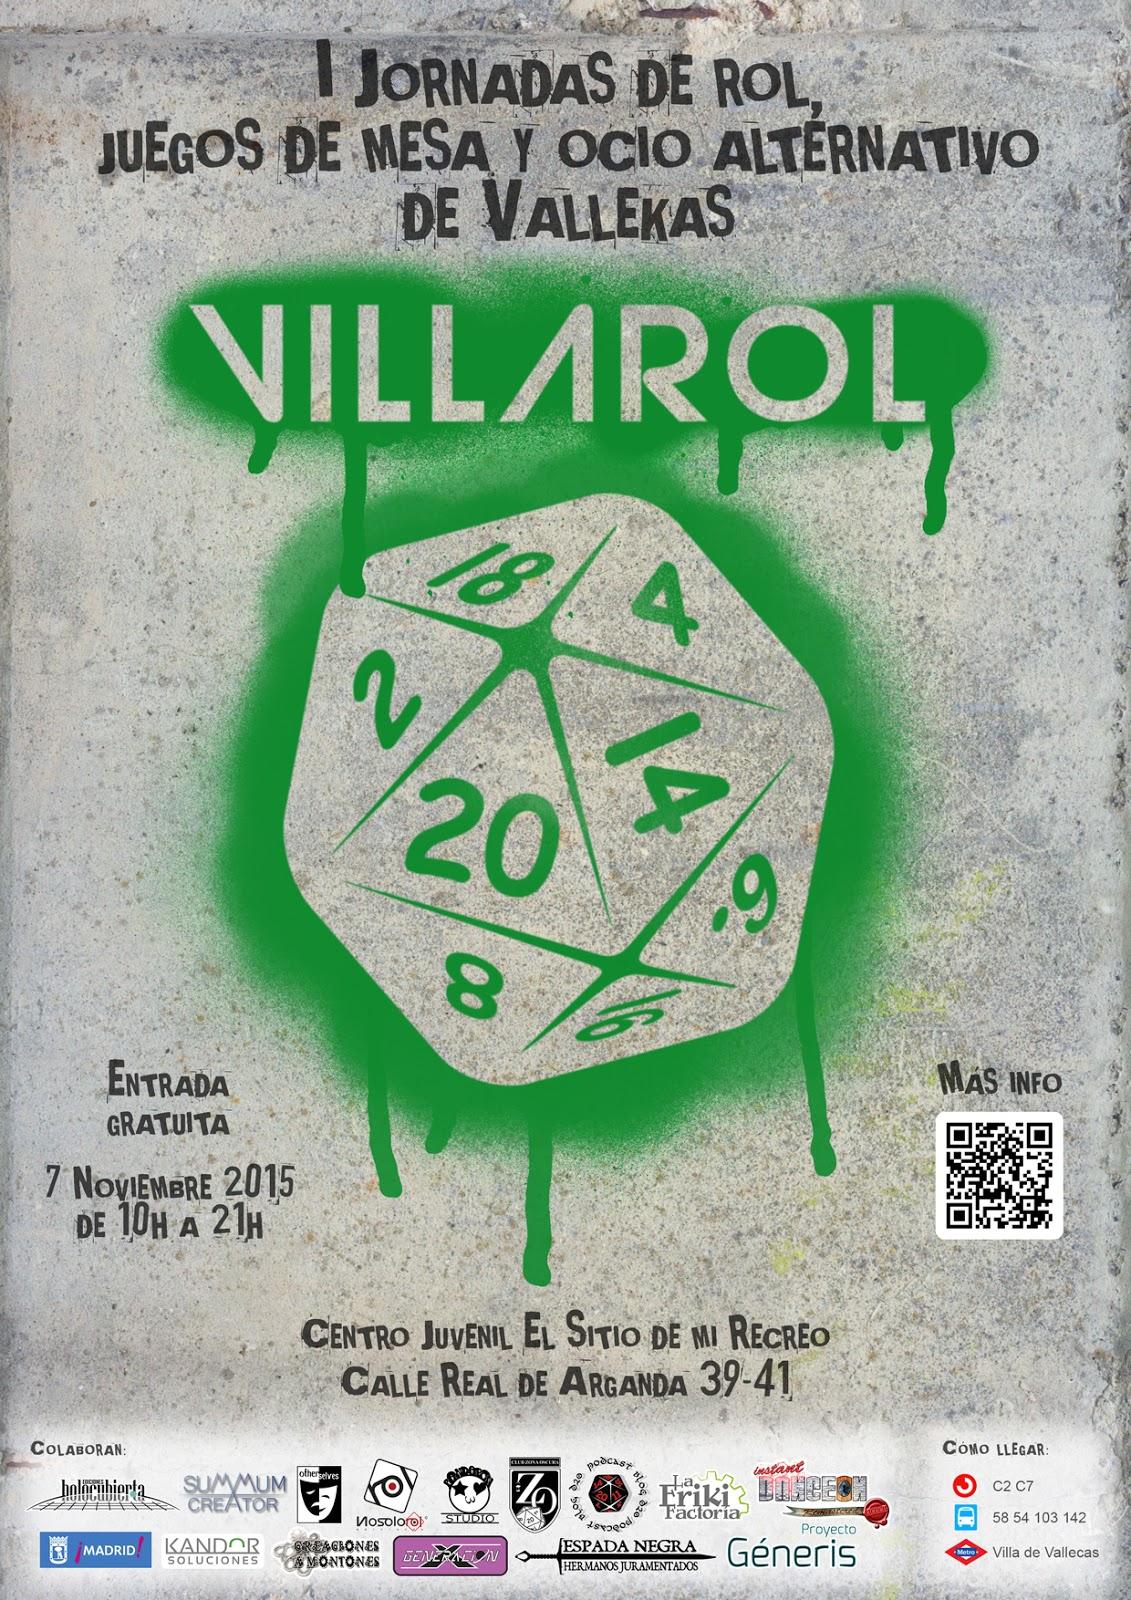 VillaRol Vallekas